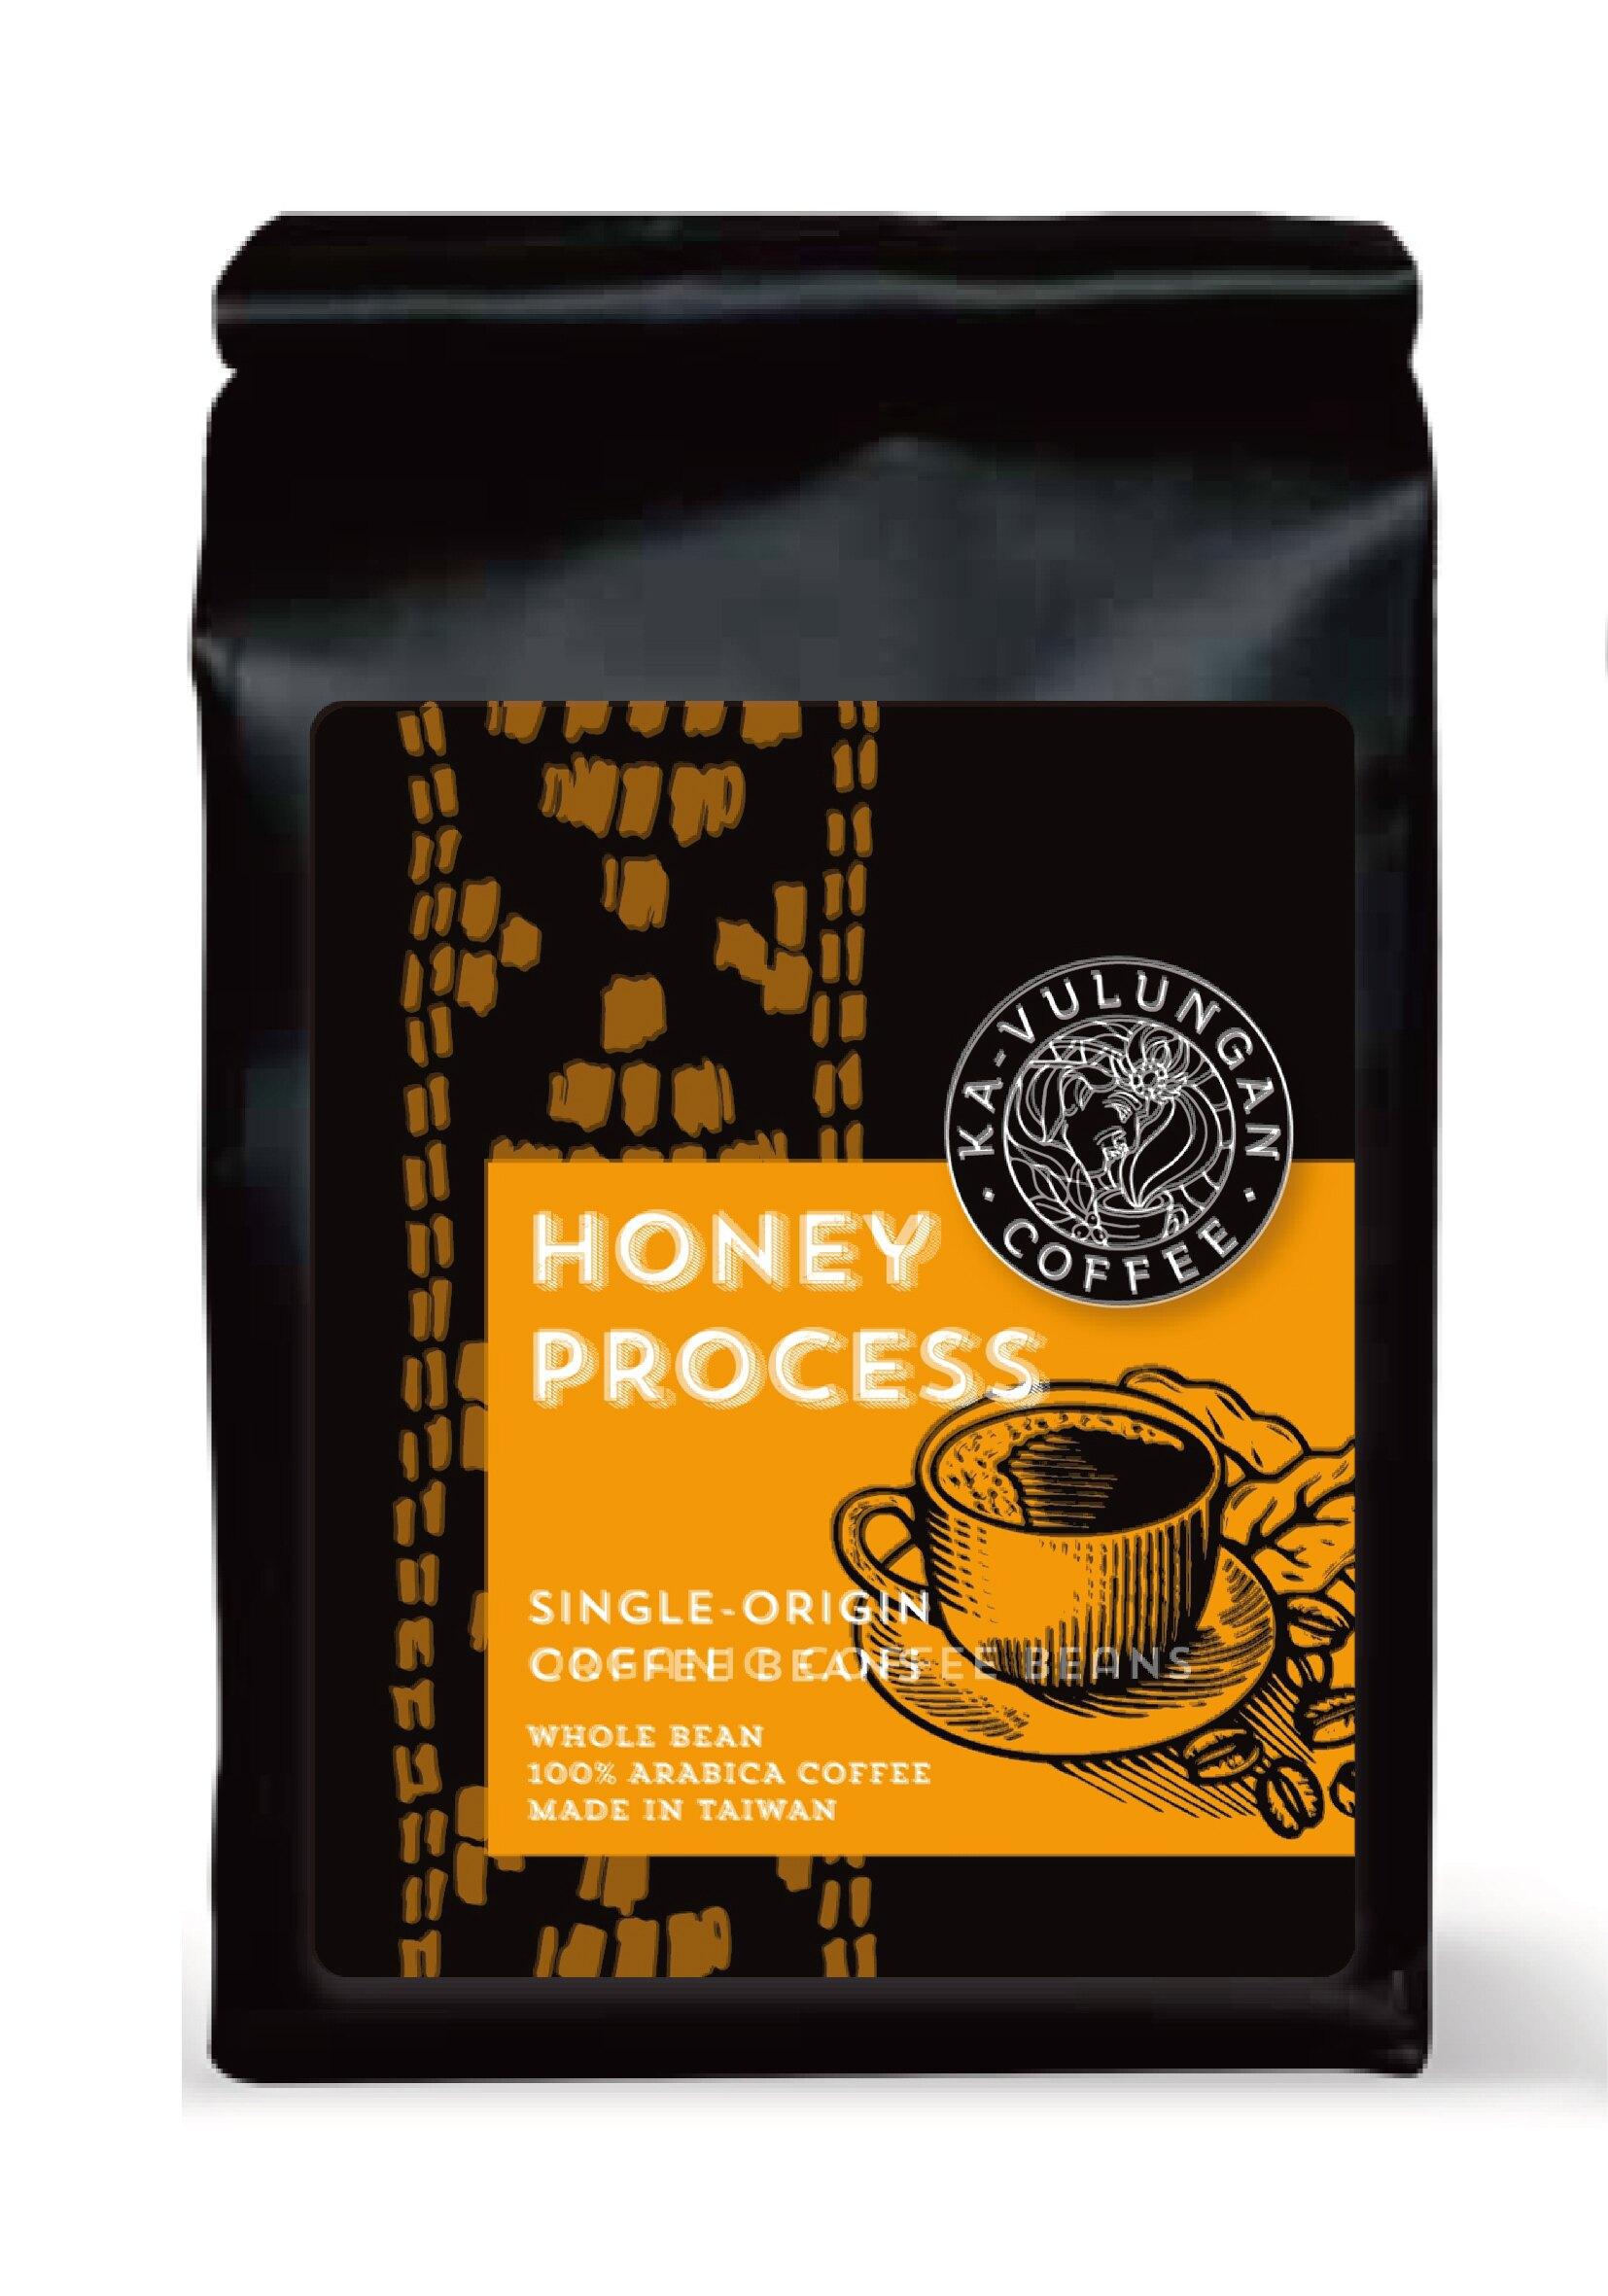 蜜處理- 咖啡豆- 中焙    Honey Process-Coffee Beans-Medium Roasted     112.5g/包